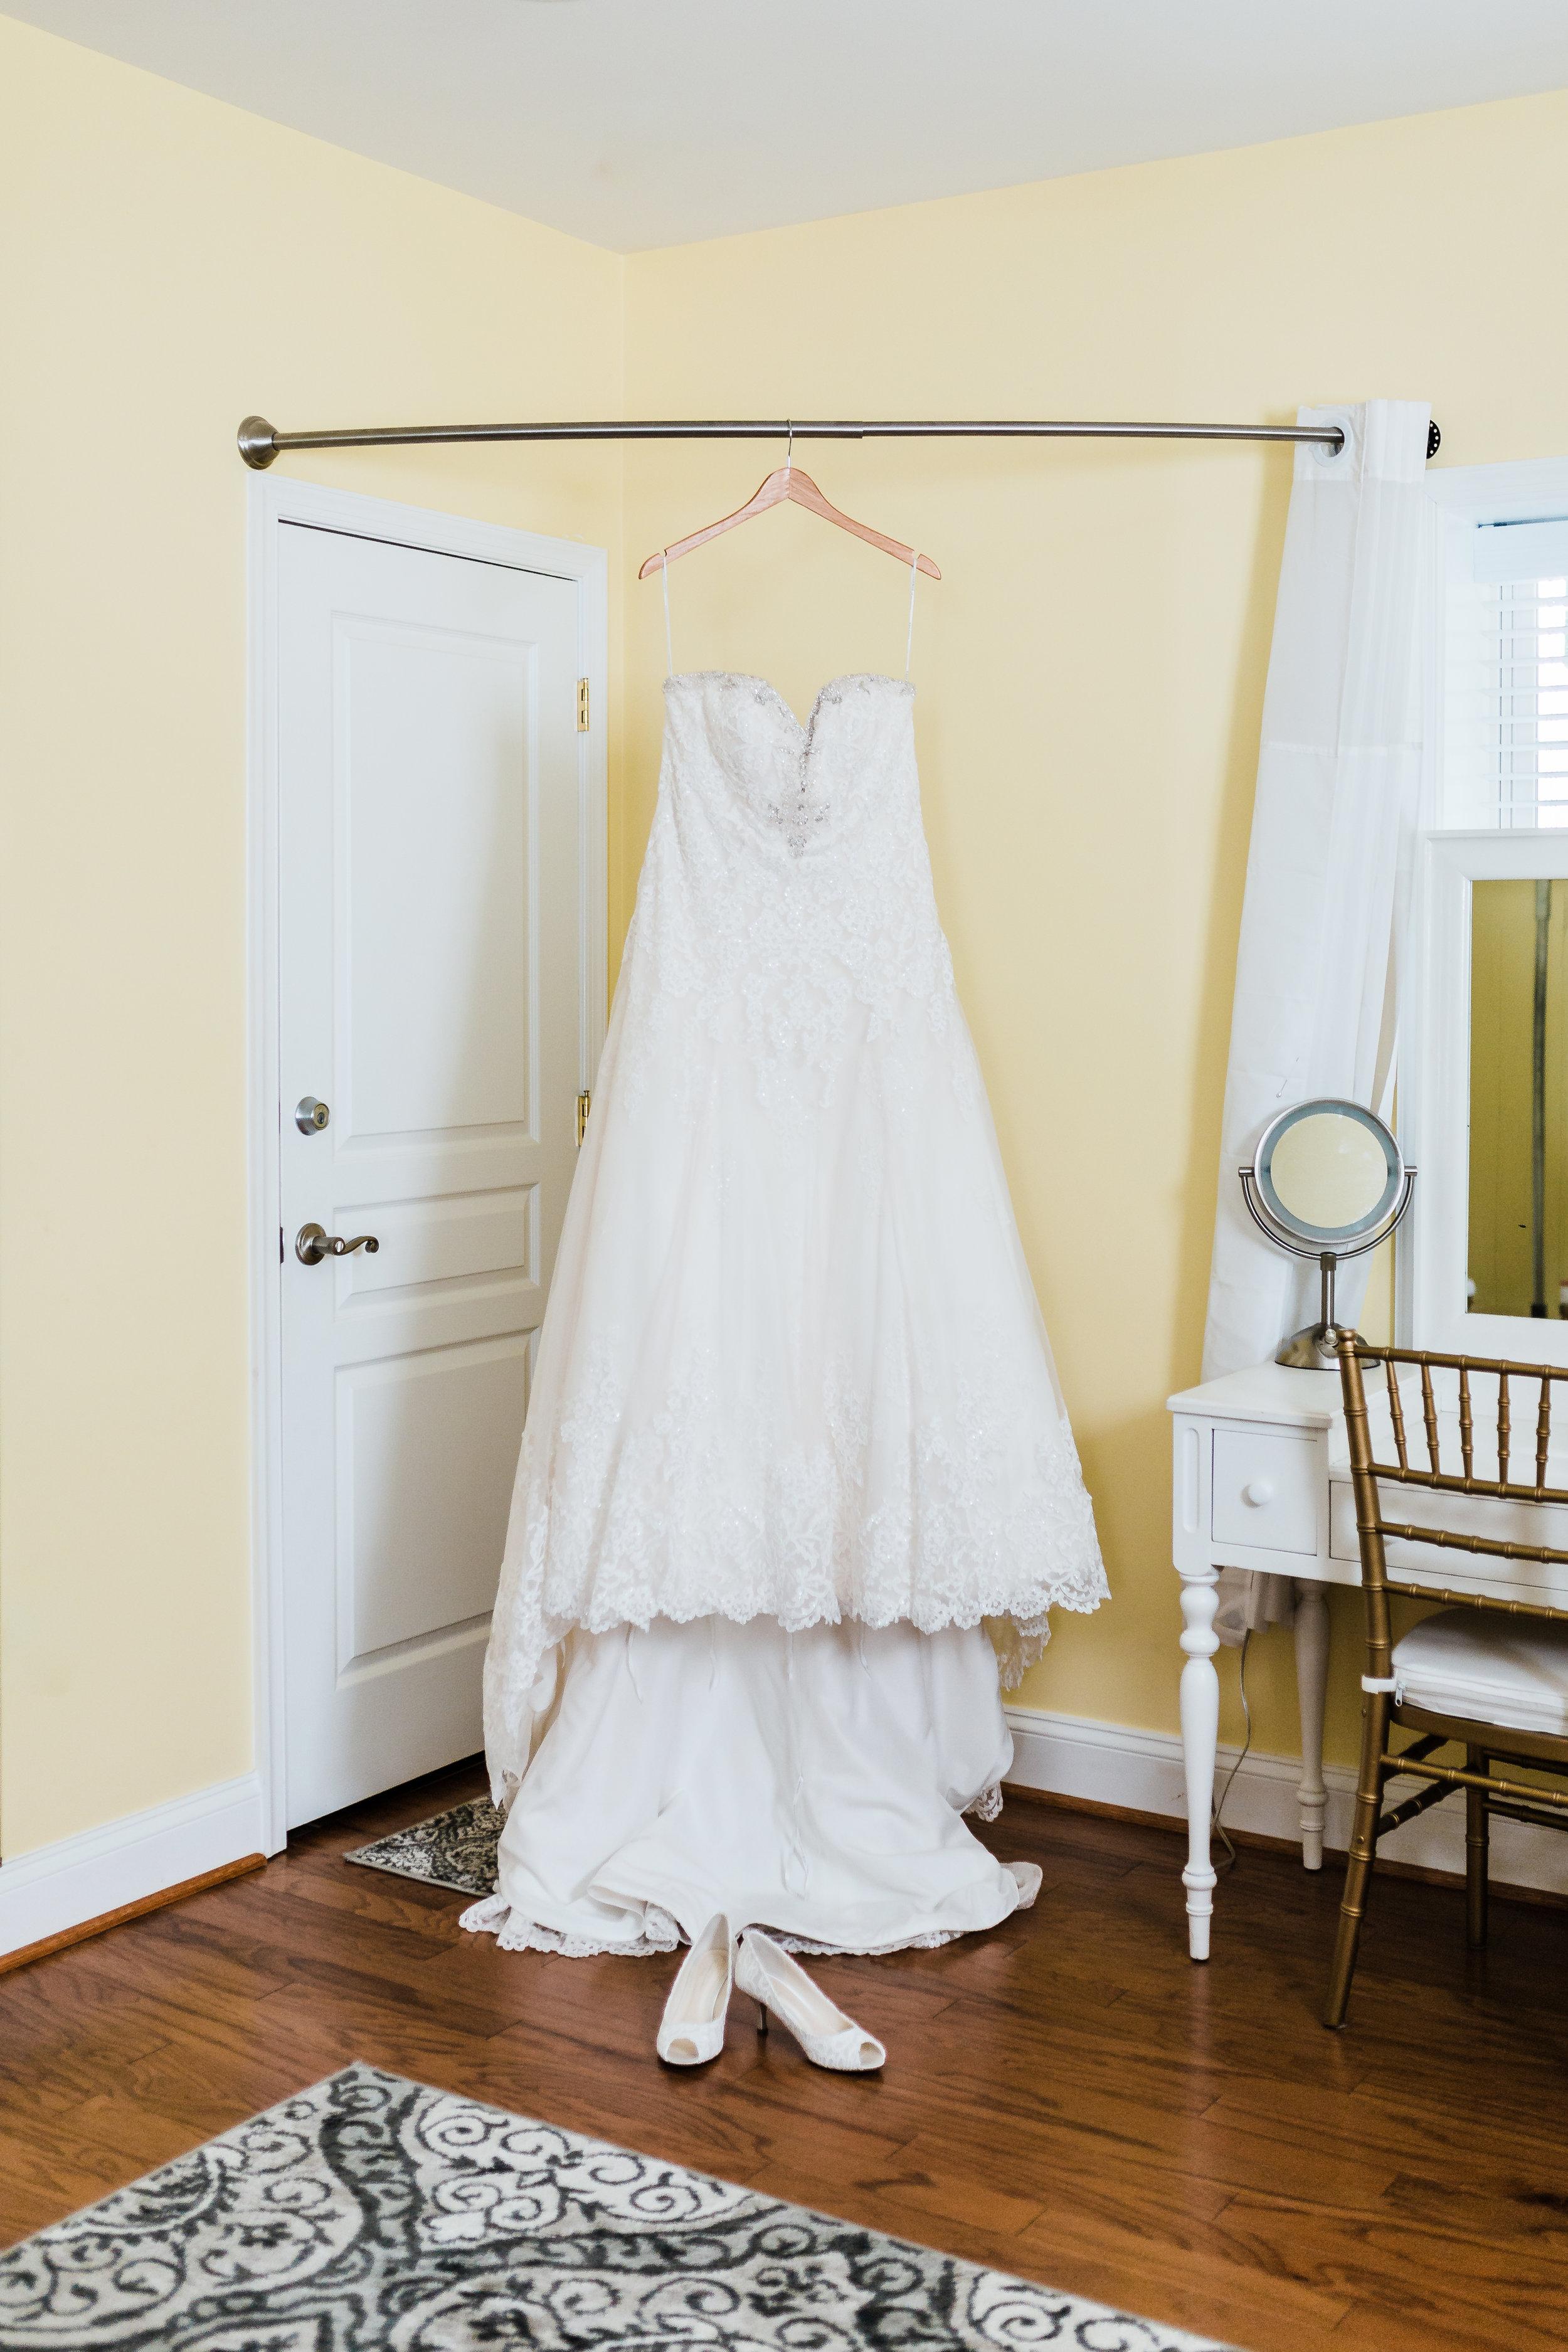 brides wedding gown details - kurtz's beach wedding - pasadena md wedding photography